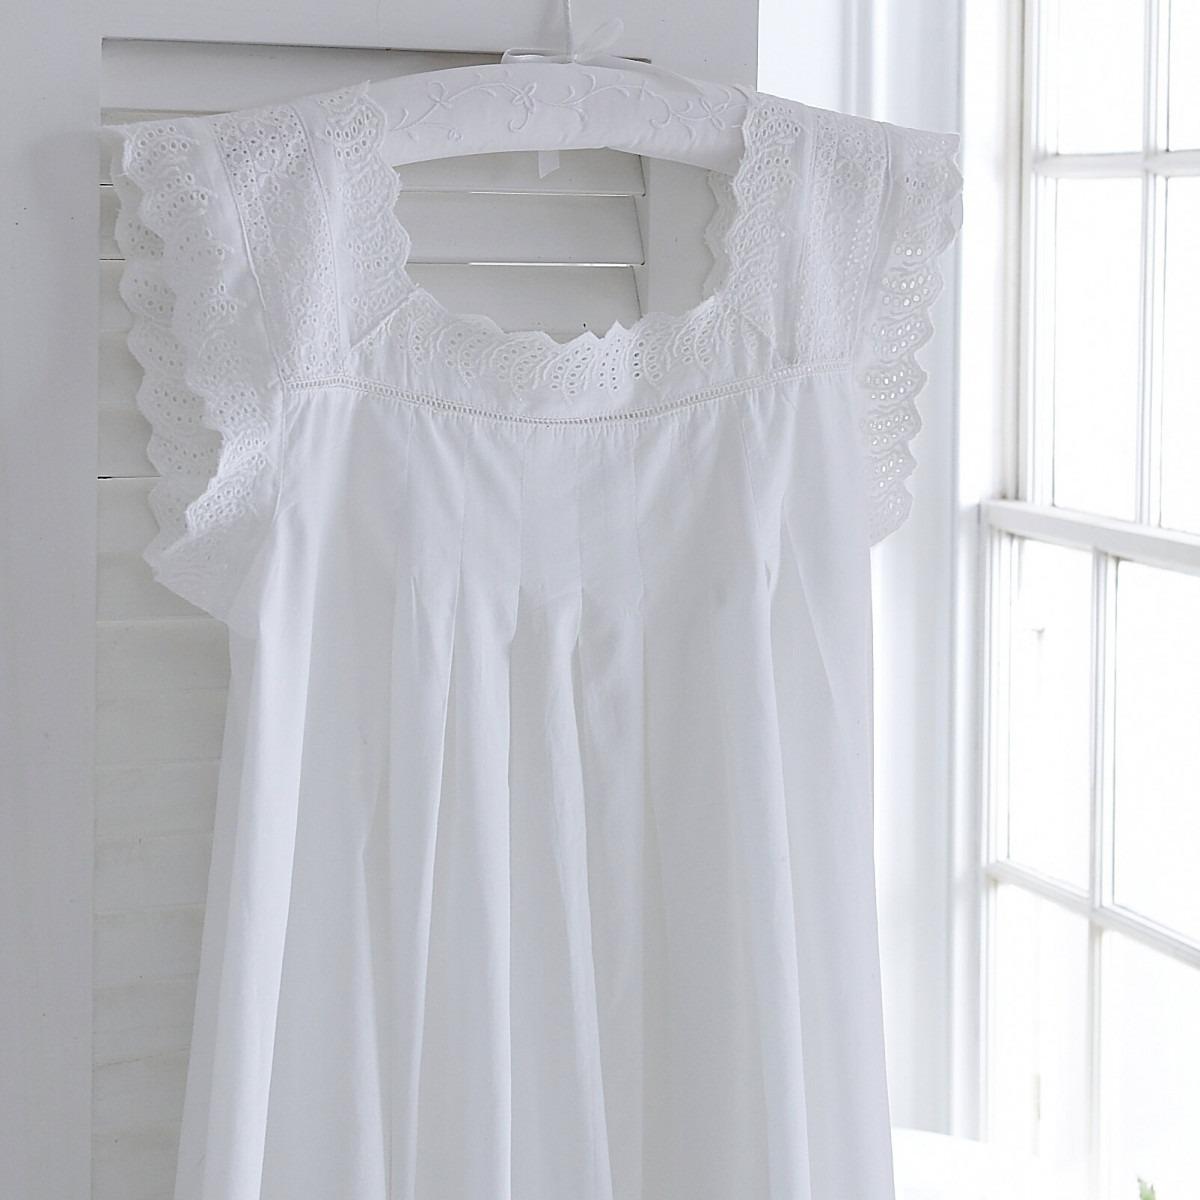 Athena White Cotton Nightdress